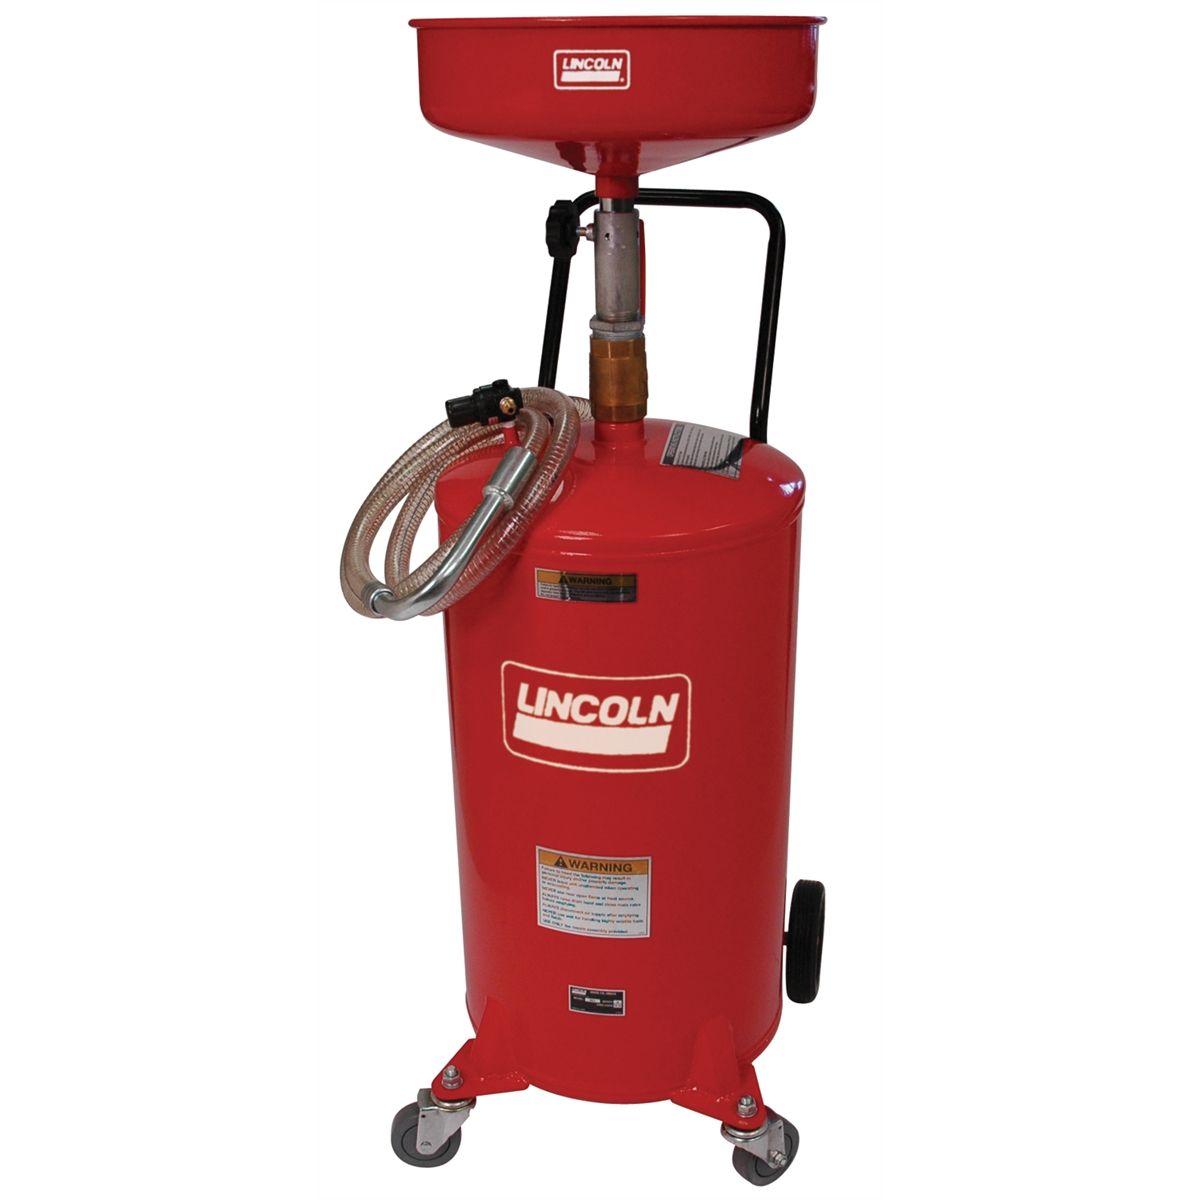 Lincoln 3601 18 Gallon Value Series Oil Drain Lin3601